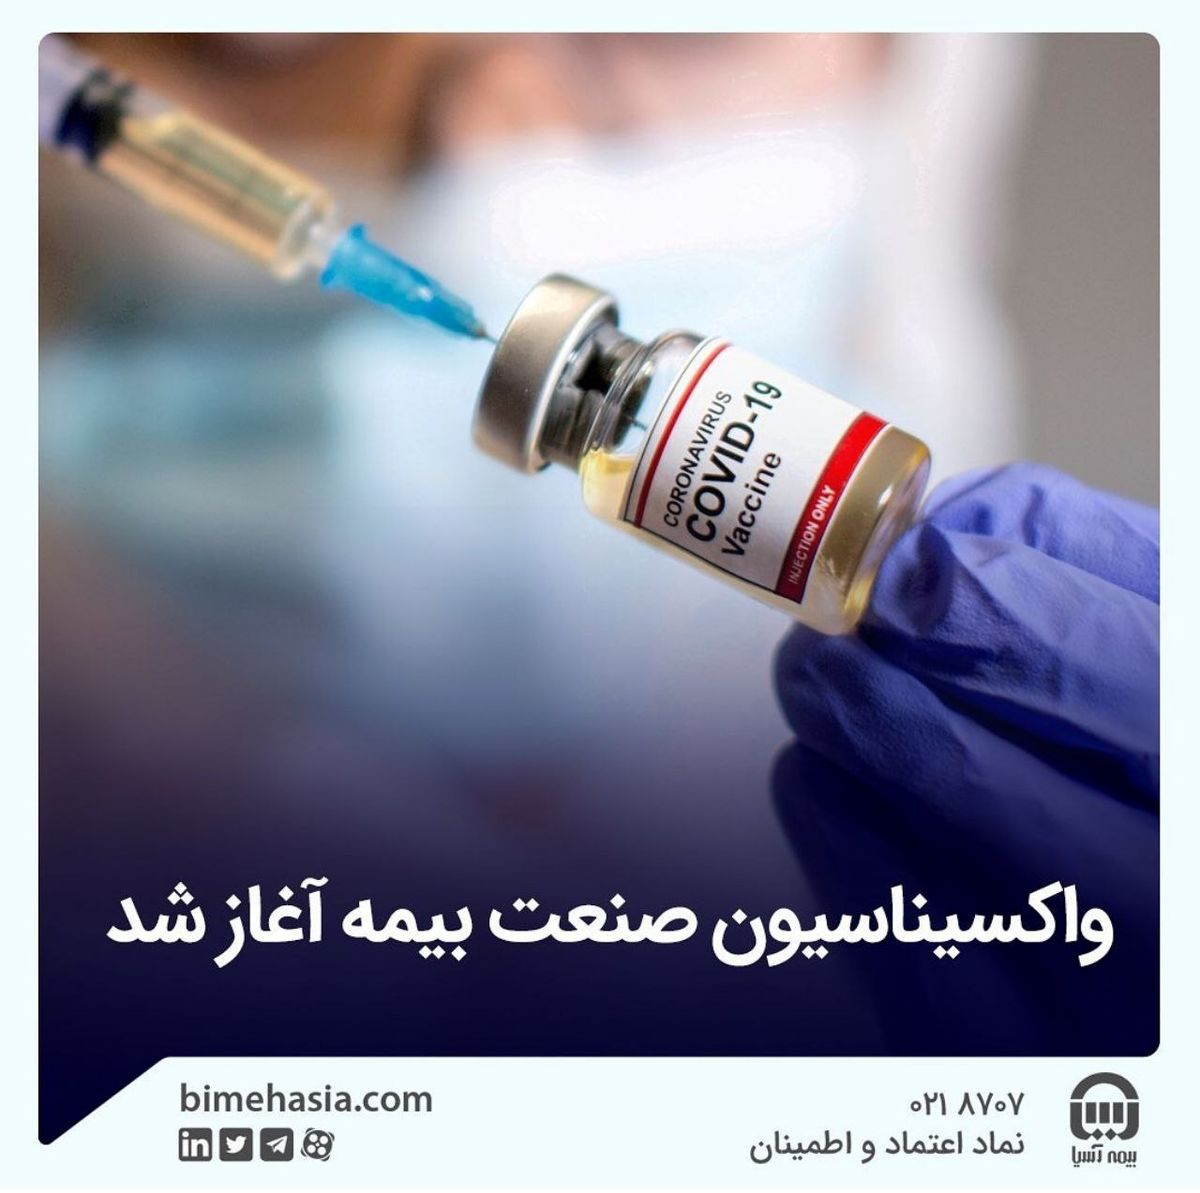 واکسیناسیون صنعت بیمه آغاز شد